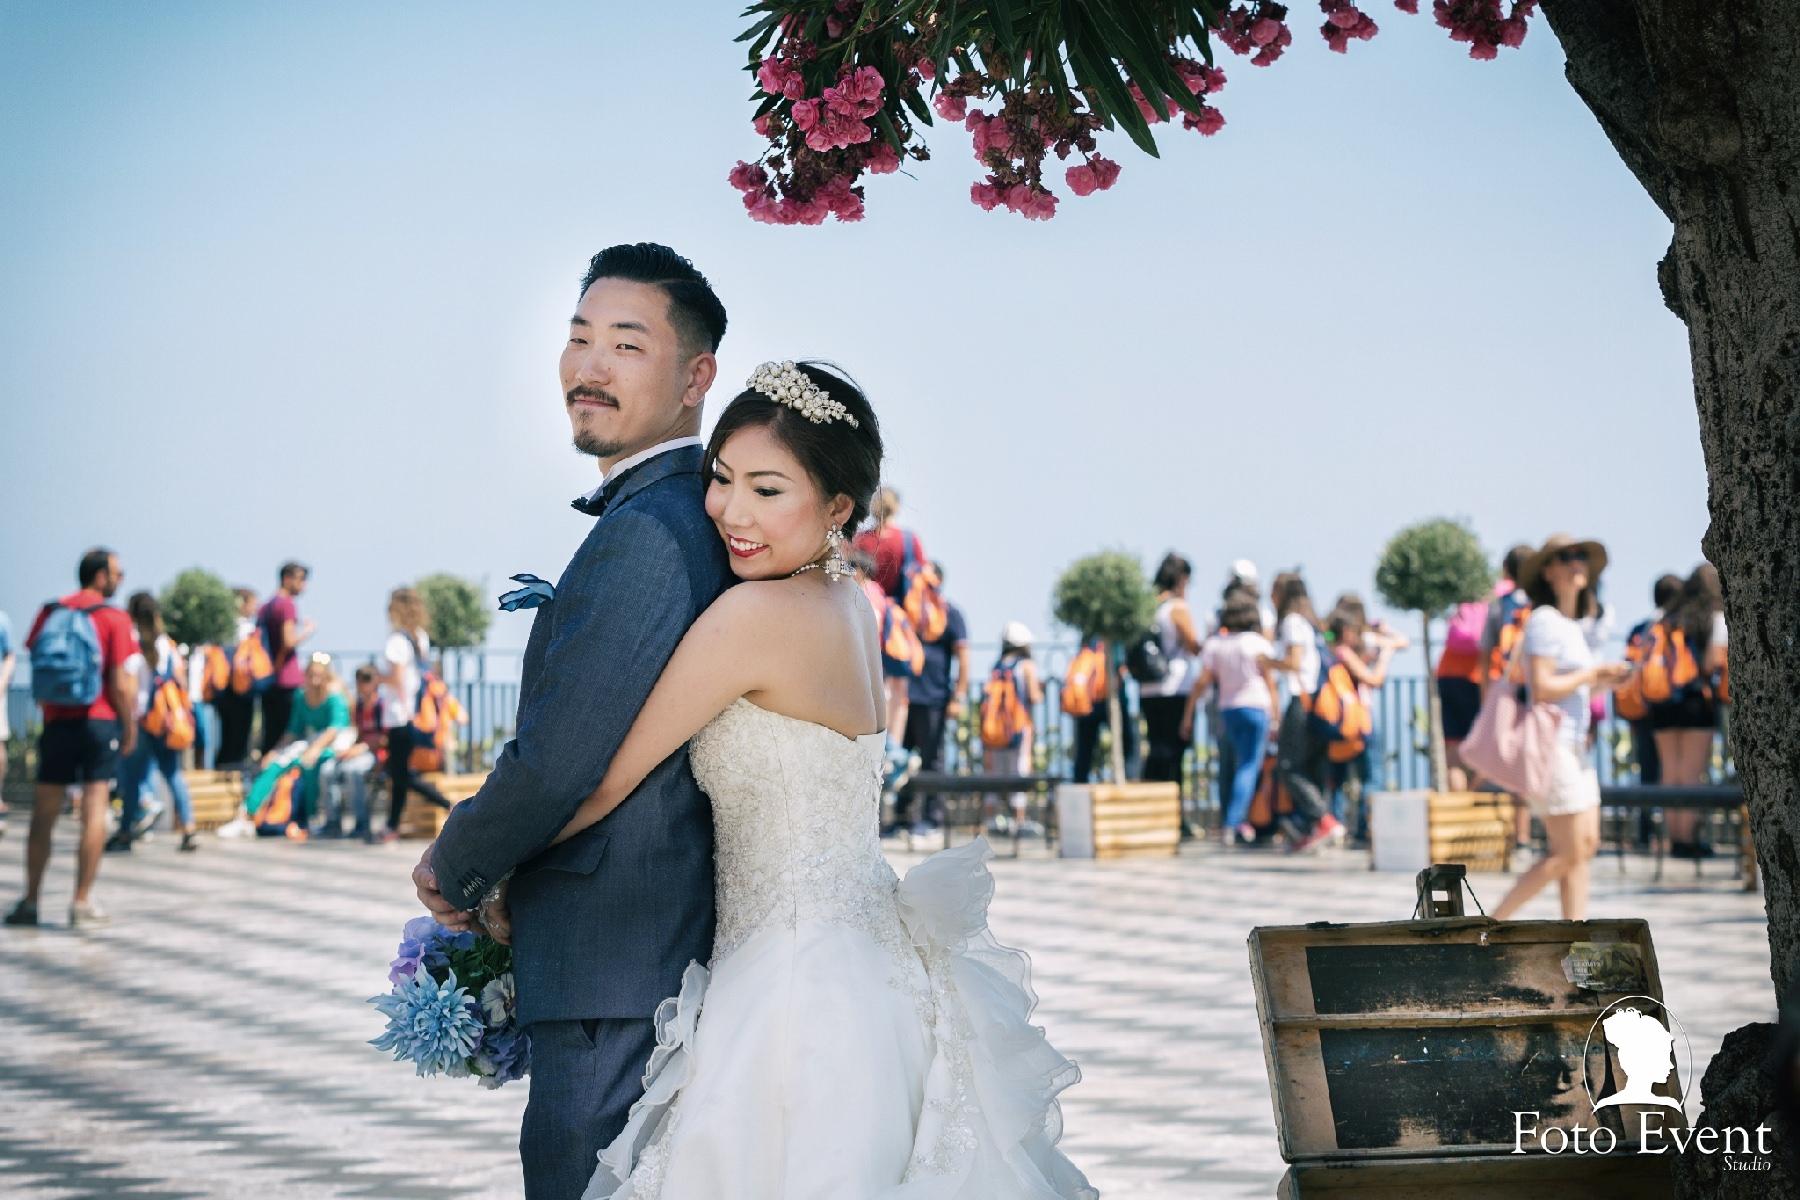 2017-07-15 Matrimonio Sayaka e Keiichi Ando zoom 150 CD FOTO